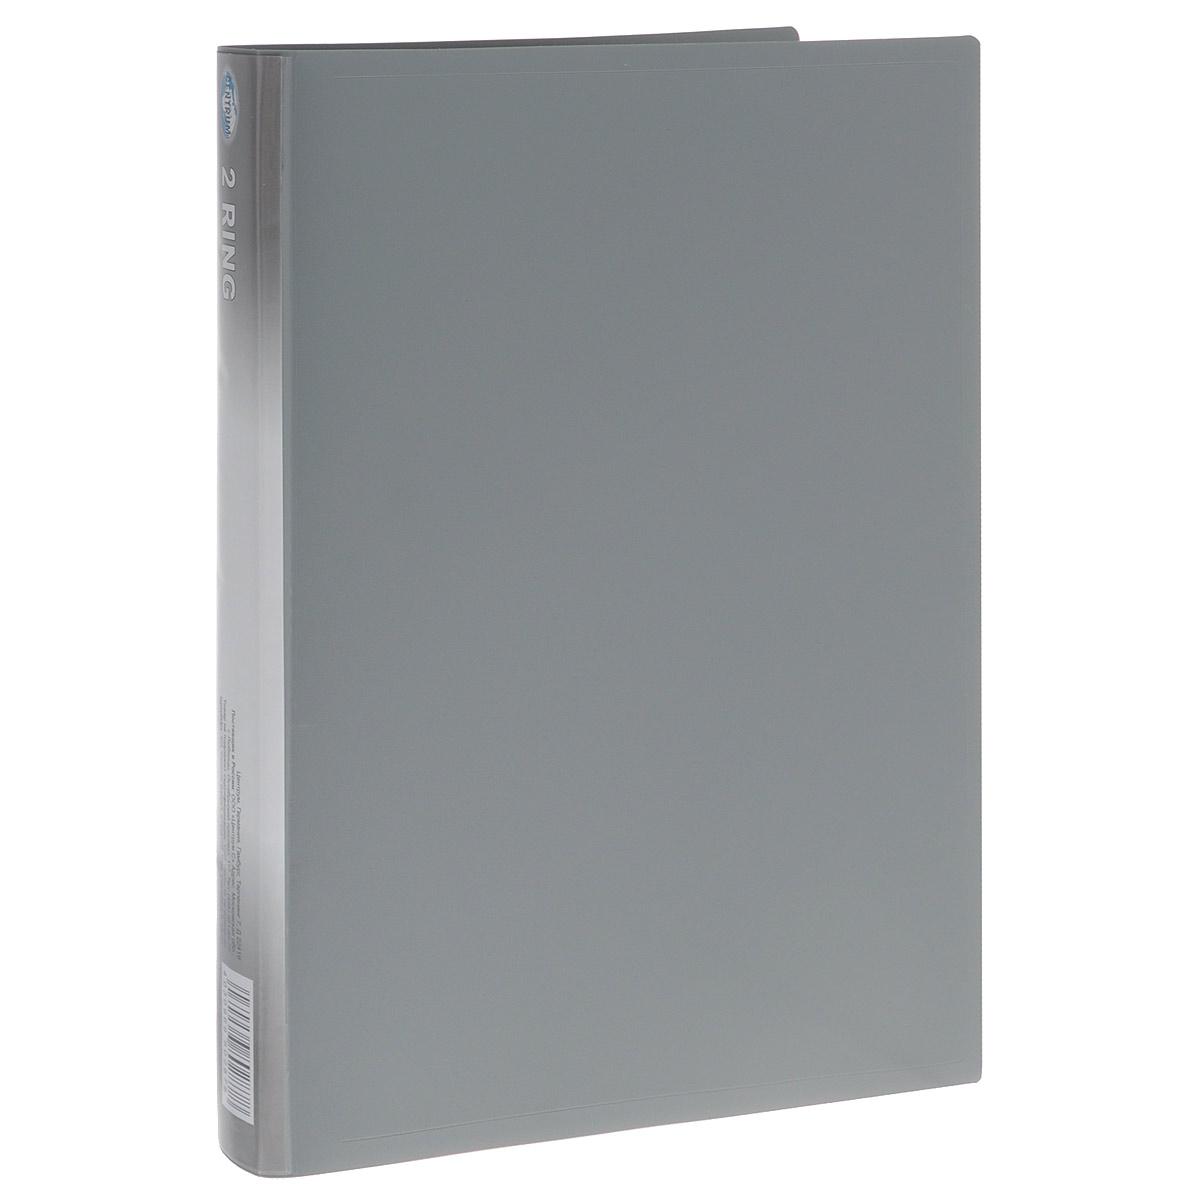 Папка Centrum на кольцах, цвет: серый. Формат А480287серый